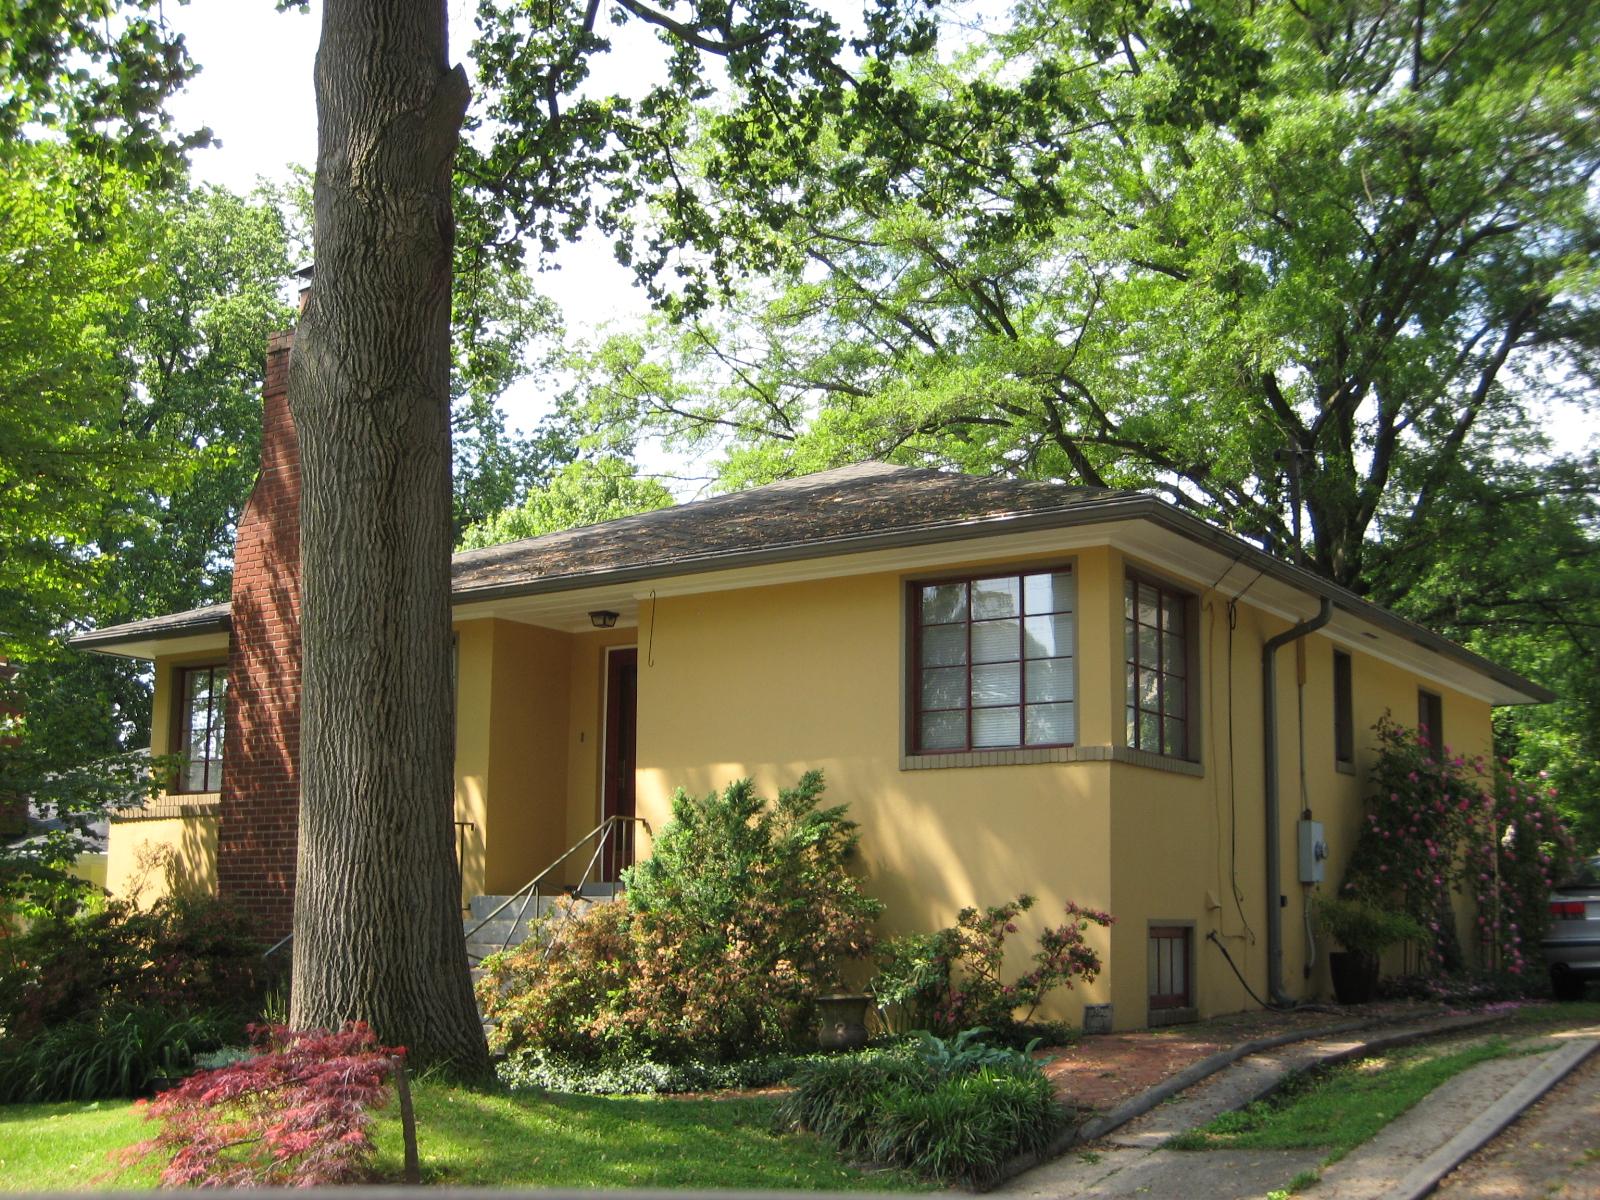 DHR – Virginia Department of Historic Resources » 000-9712 Apartment